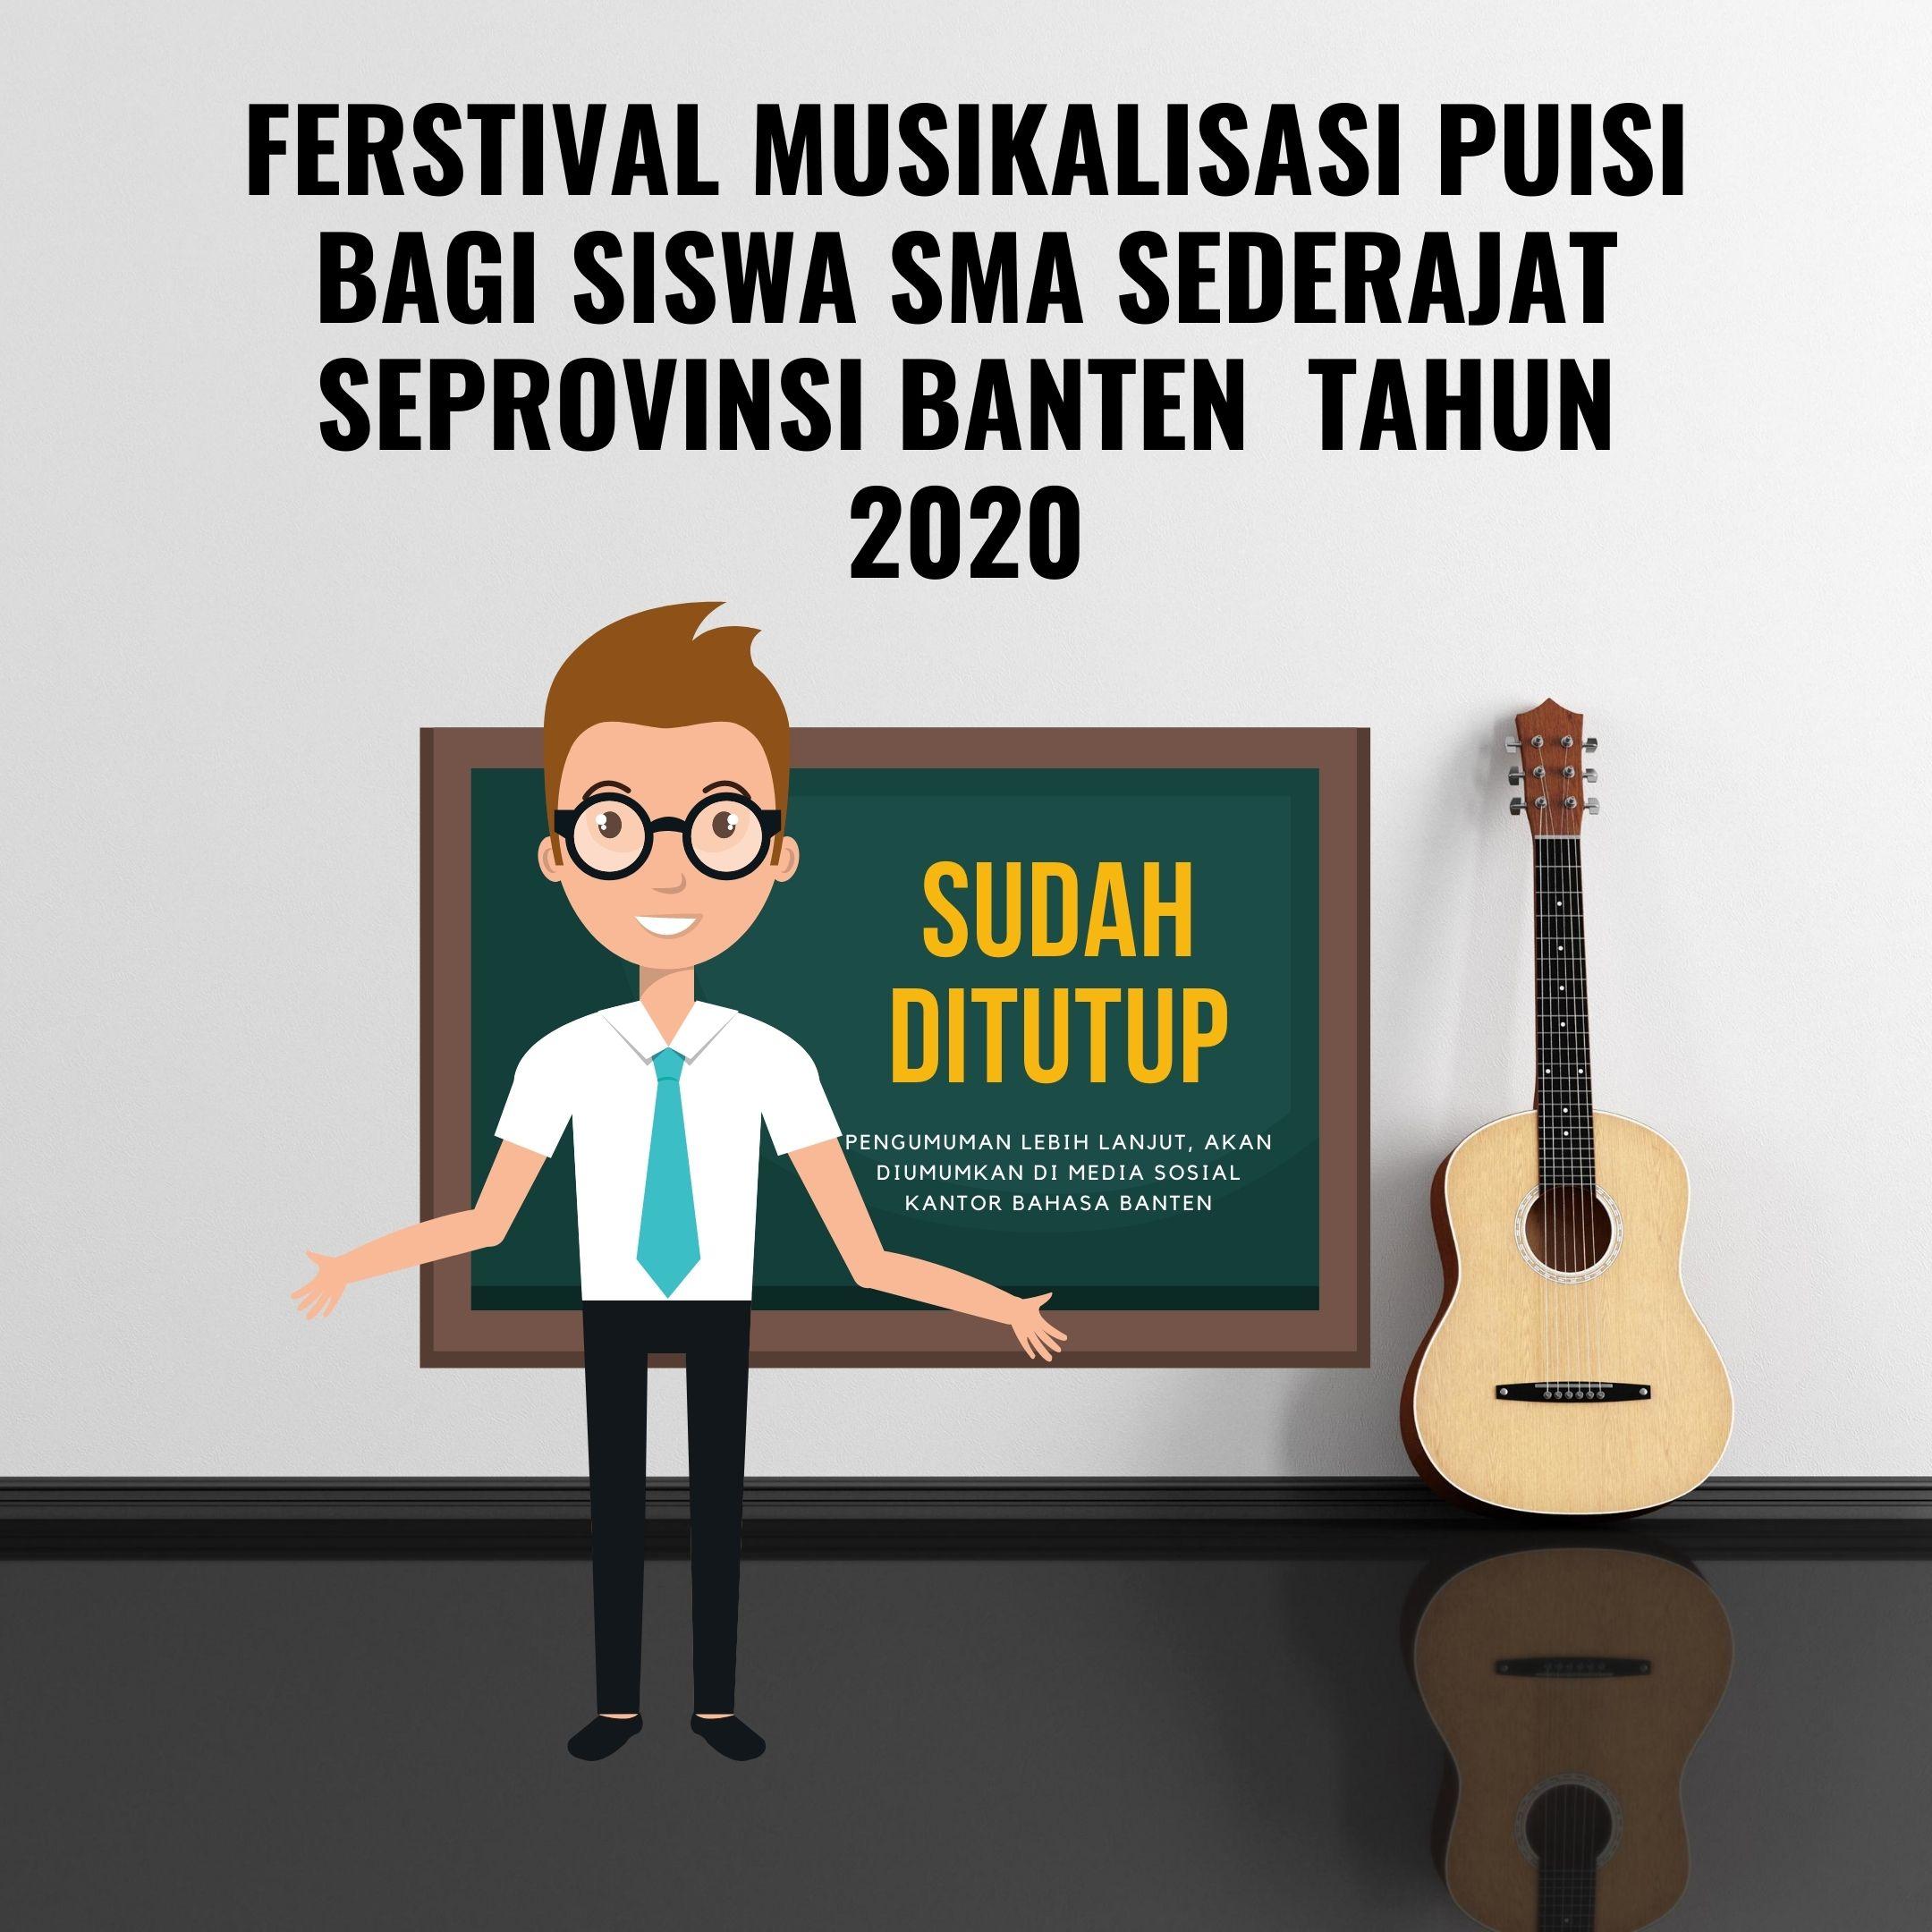 Pendaftaran Festival Musikalisasi Puisi Ditutup